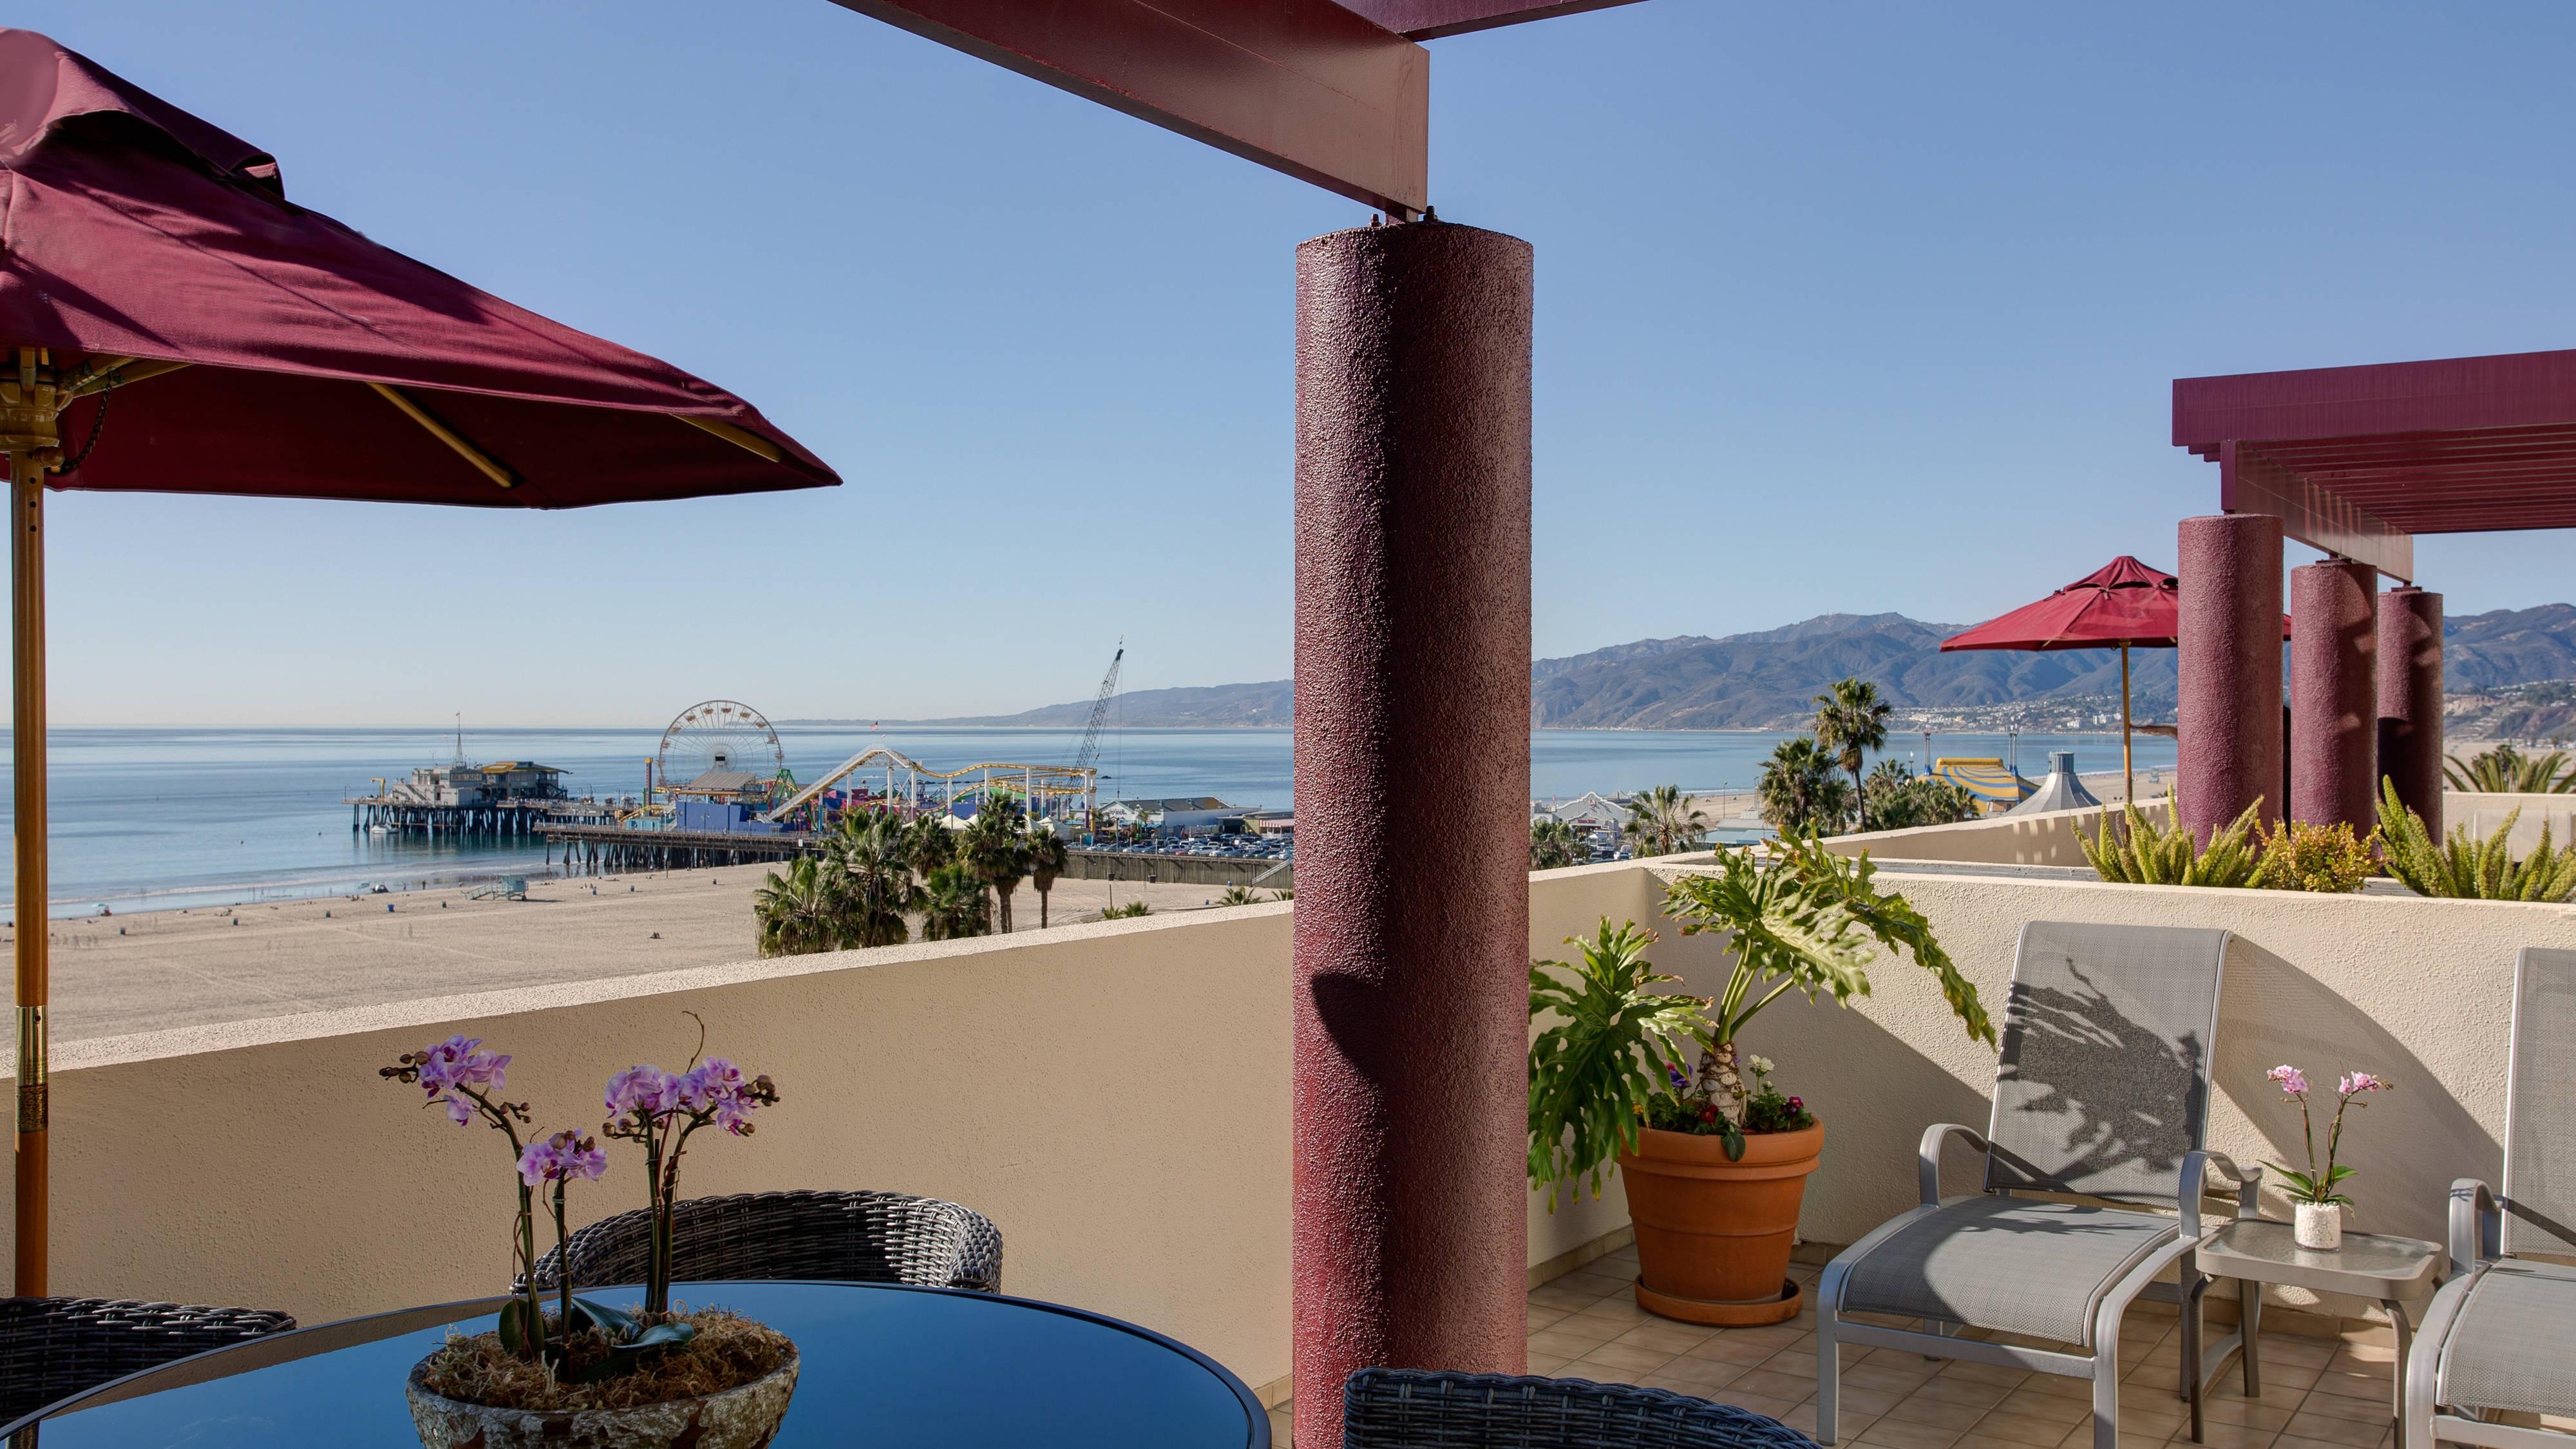 Santa Monica Pier hotel room